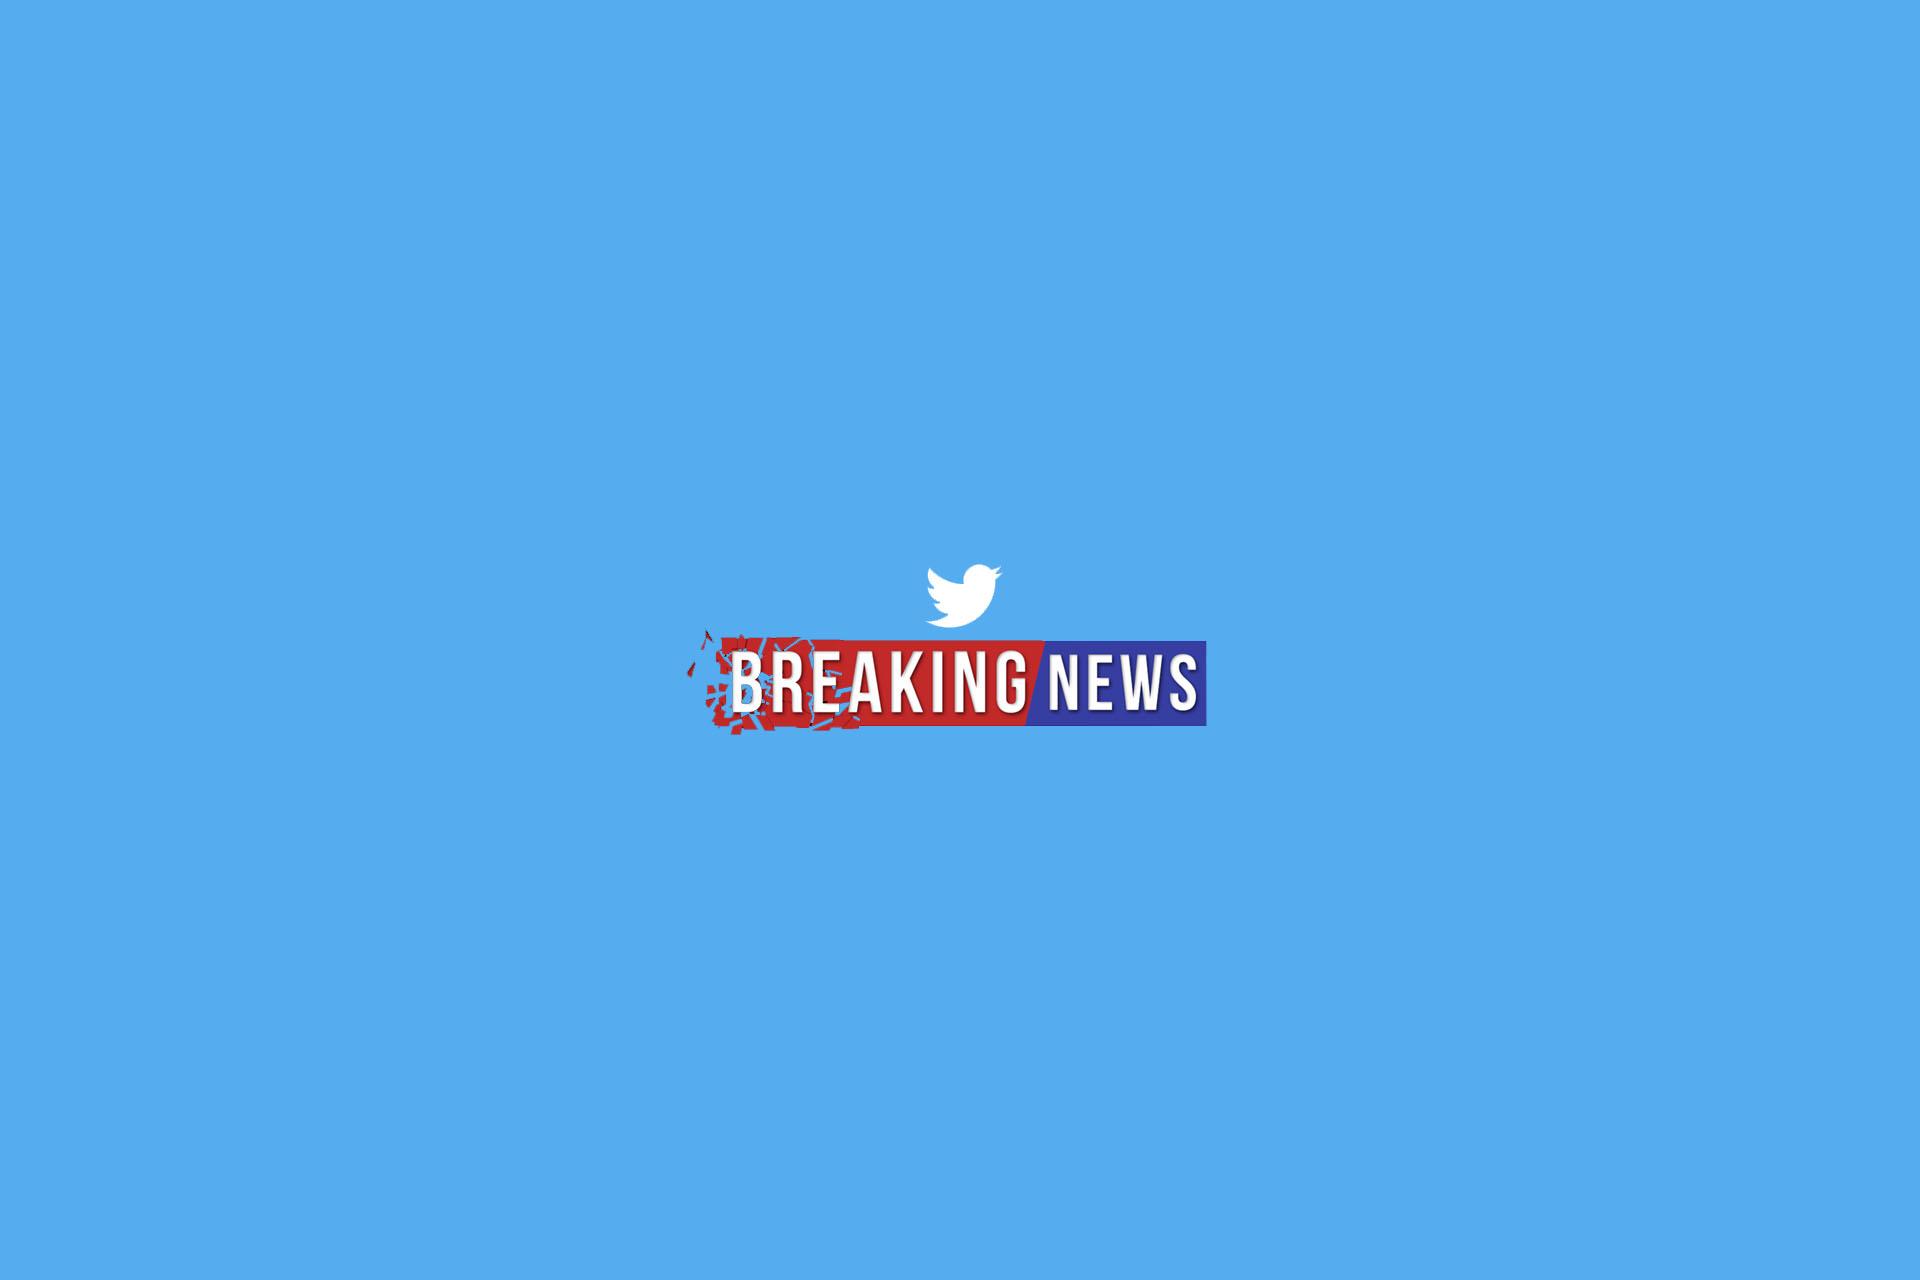 Twitter bloquea toda la publicidad de las cuentas rusas RT y Sputnik